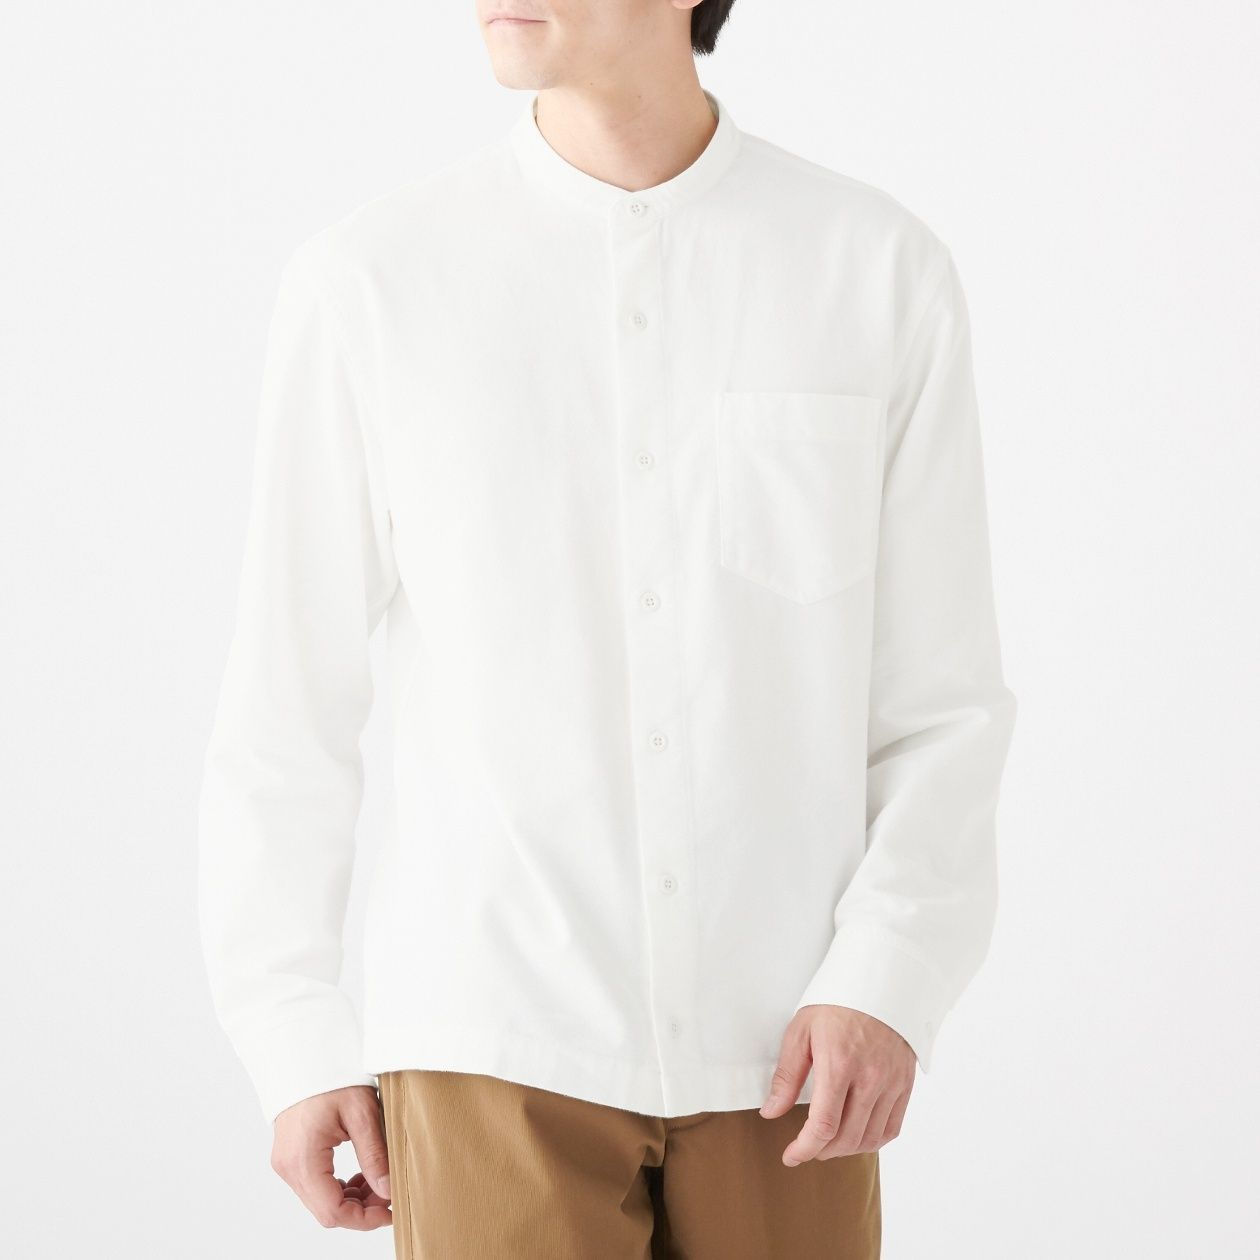 新疆綿フランネルスタンドカラーシャツ